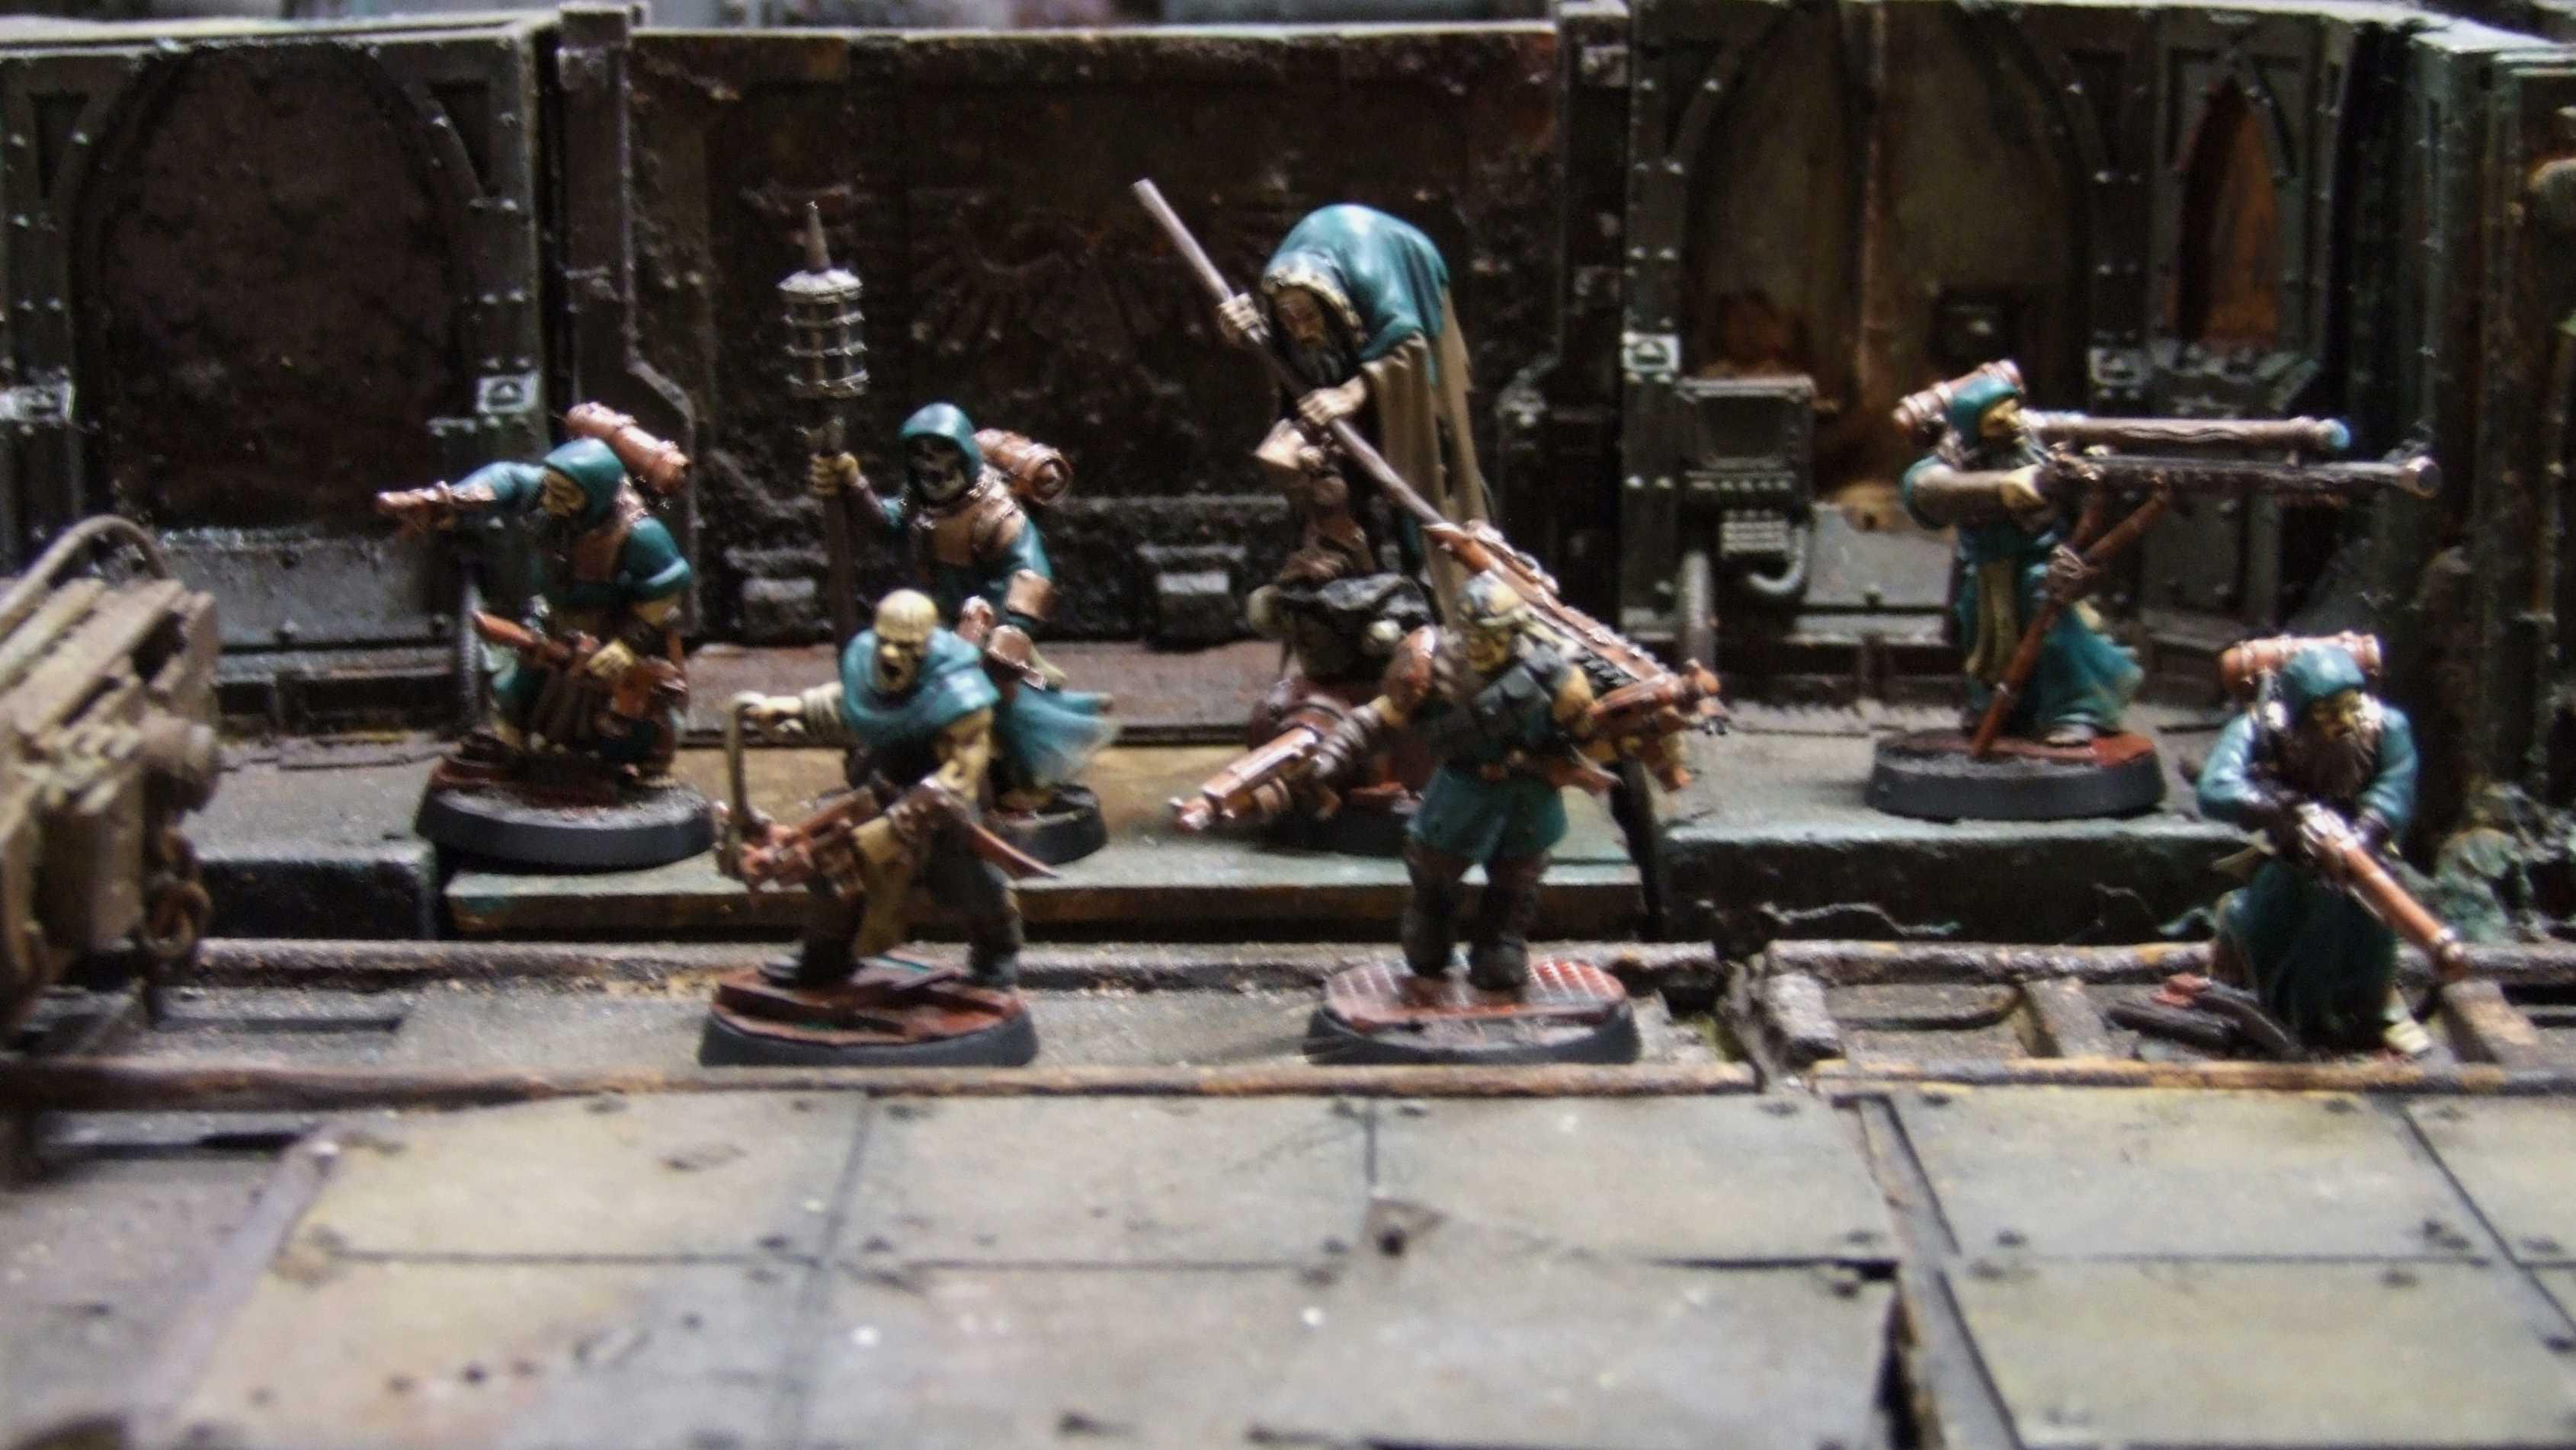 In128, Inquisitor, Necromunda, Riseofthemagi, Yggdrassillium